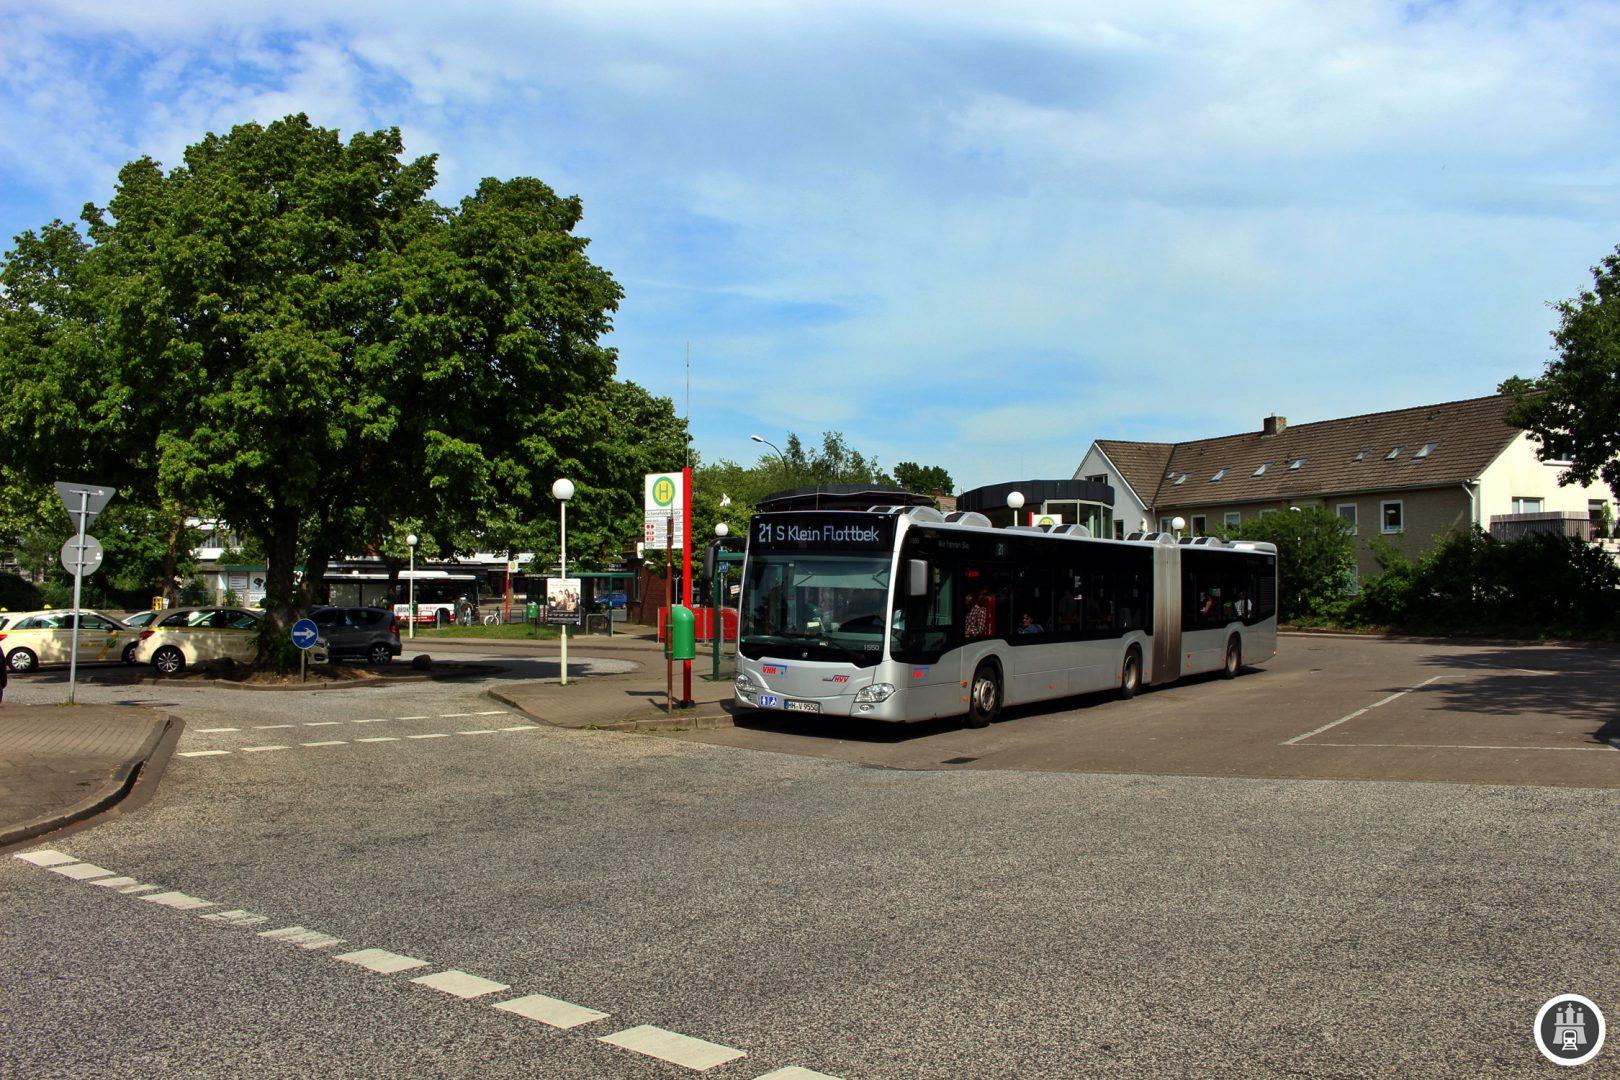 Der Schenefelder Platz in Schleswig-Holstein spielt auch für den Hamburger Busverkehr eine große Rolle. Ohne ihn würde man auch viele Hamburger Quartiere deutlich schlechter erreichen.